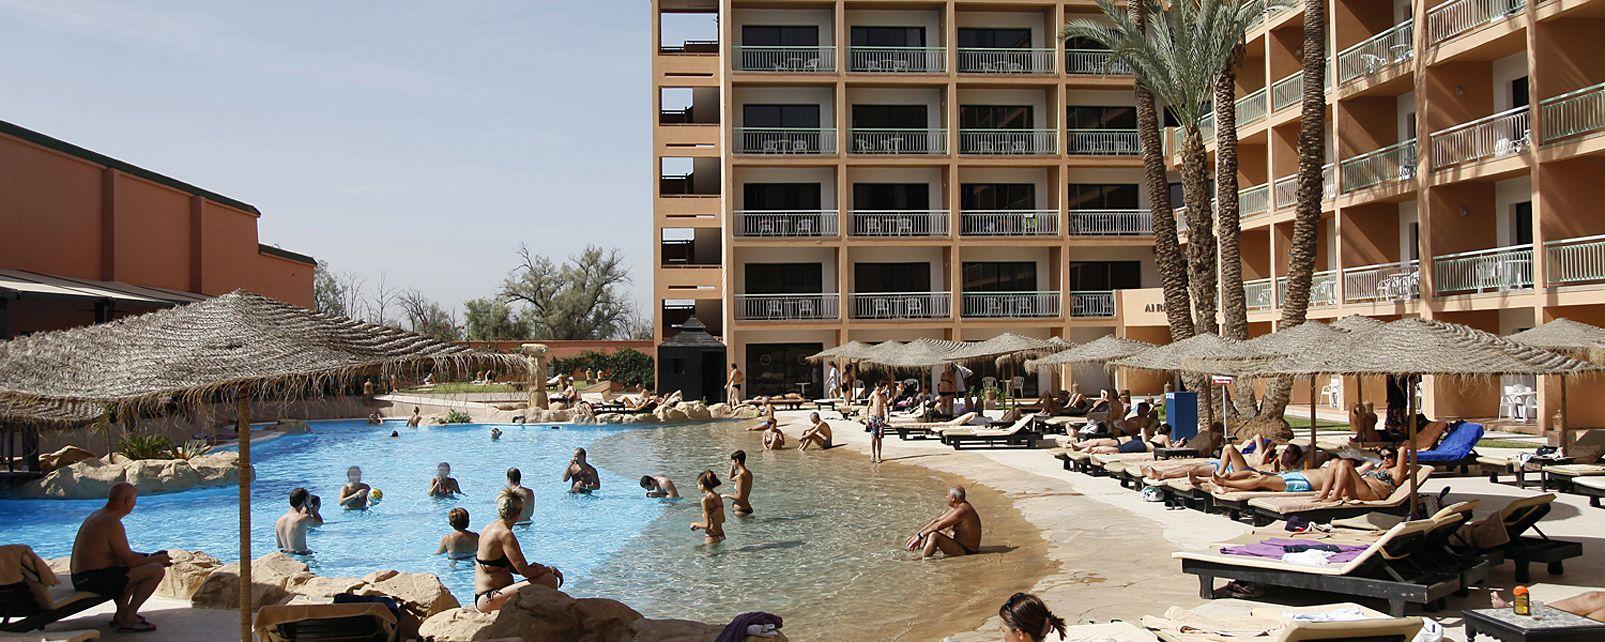 Hotel Albatros Garden Marrakech